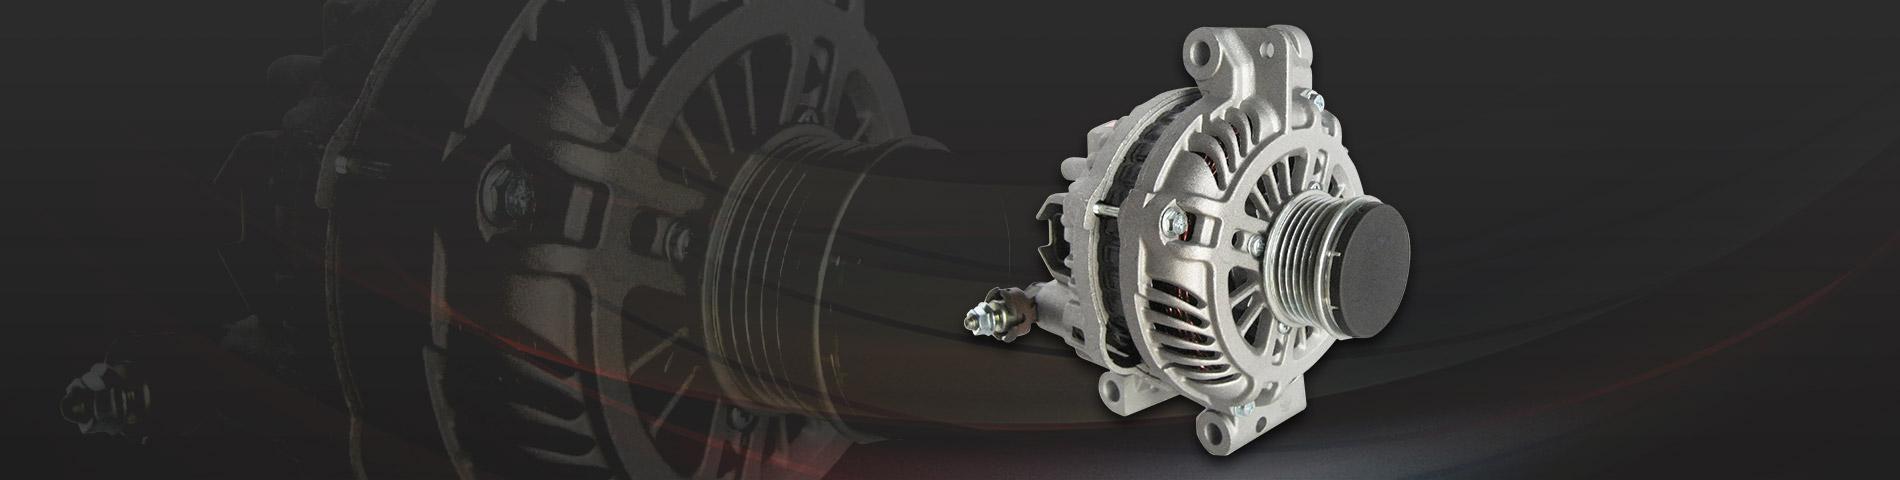 Dah Kee Co., Ltd. Um especialista em alternadores de fabricação, Distribuidores de partida e ignição